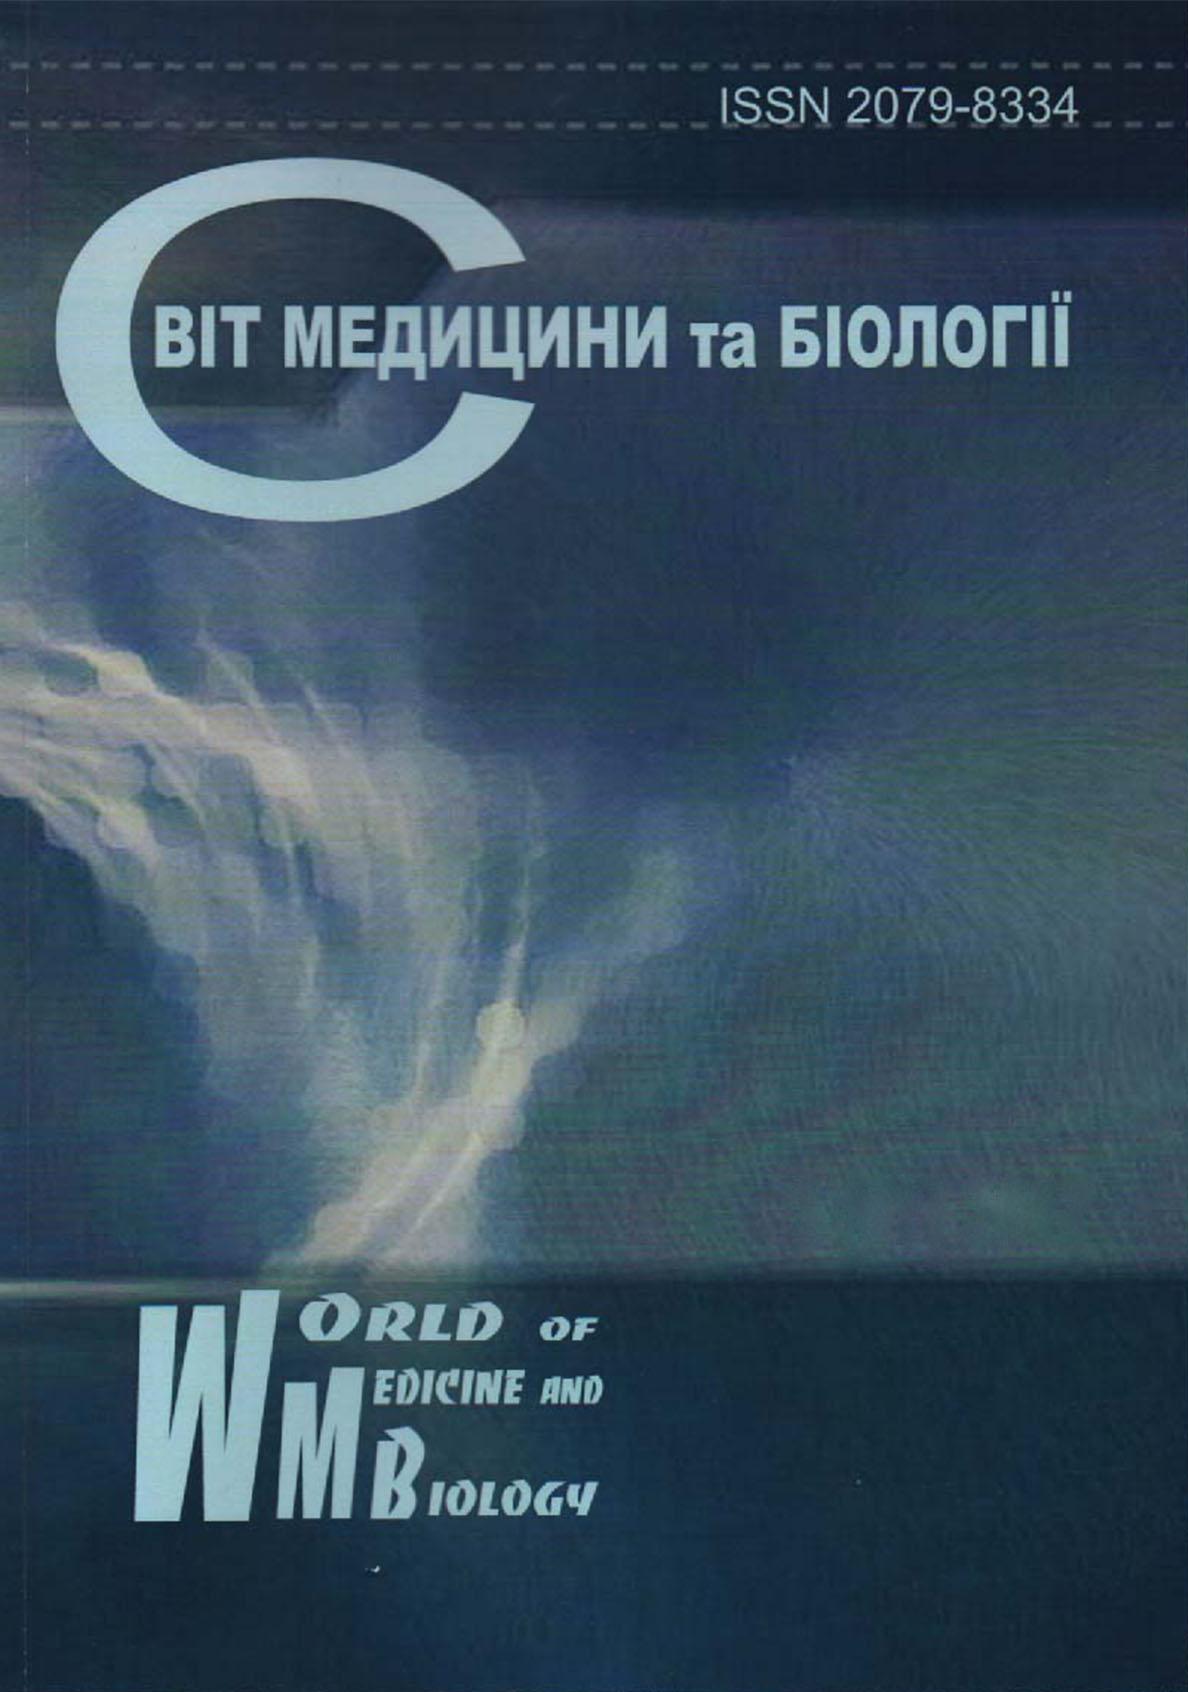 Изображение журнала Мир Медицины и Биологии